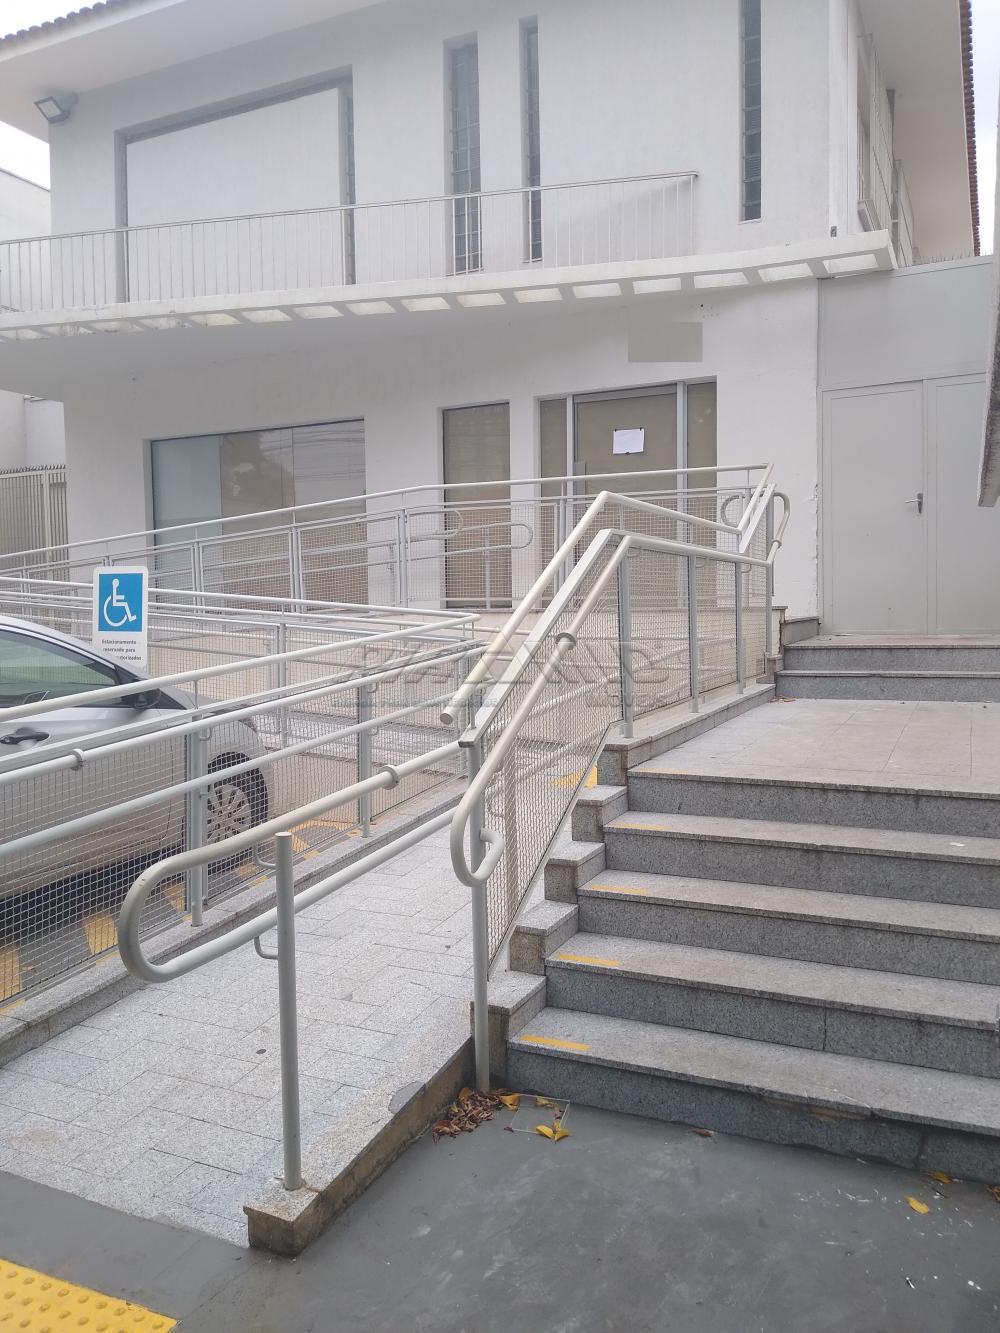 Alugar Comercial / Prédio em Ribeirão Preto apenas R$ 16.000,00 - Foto 16